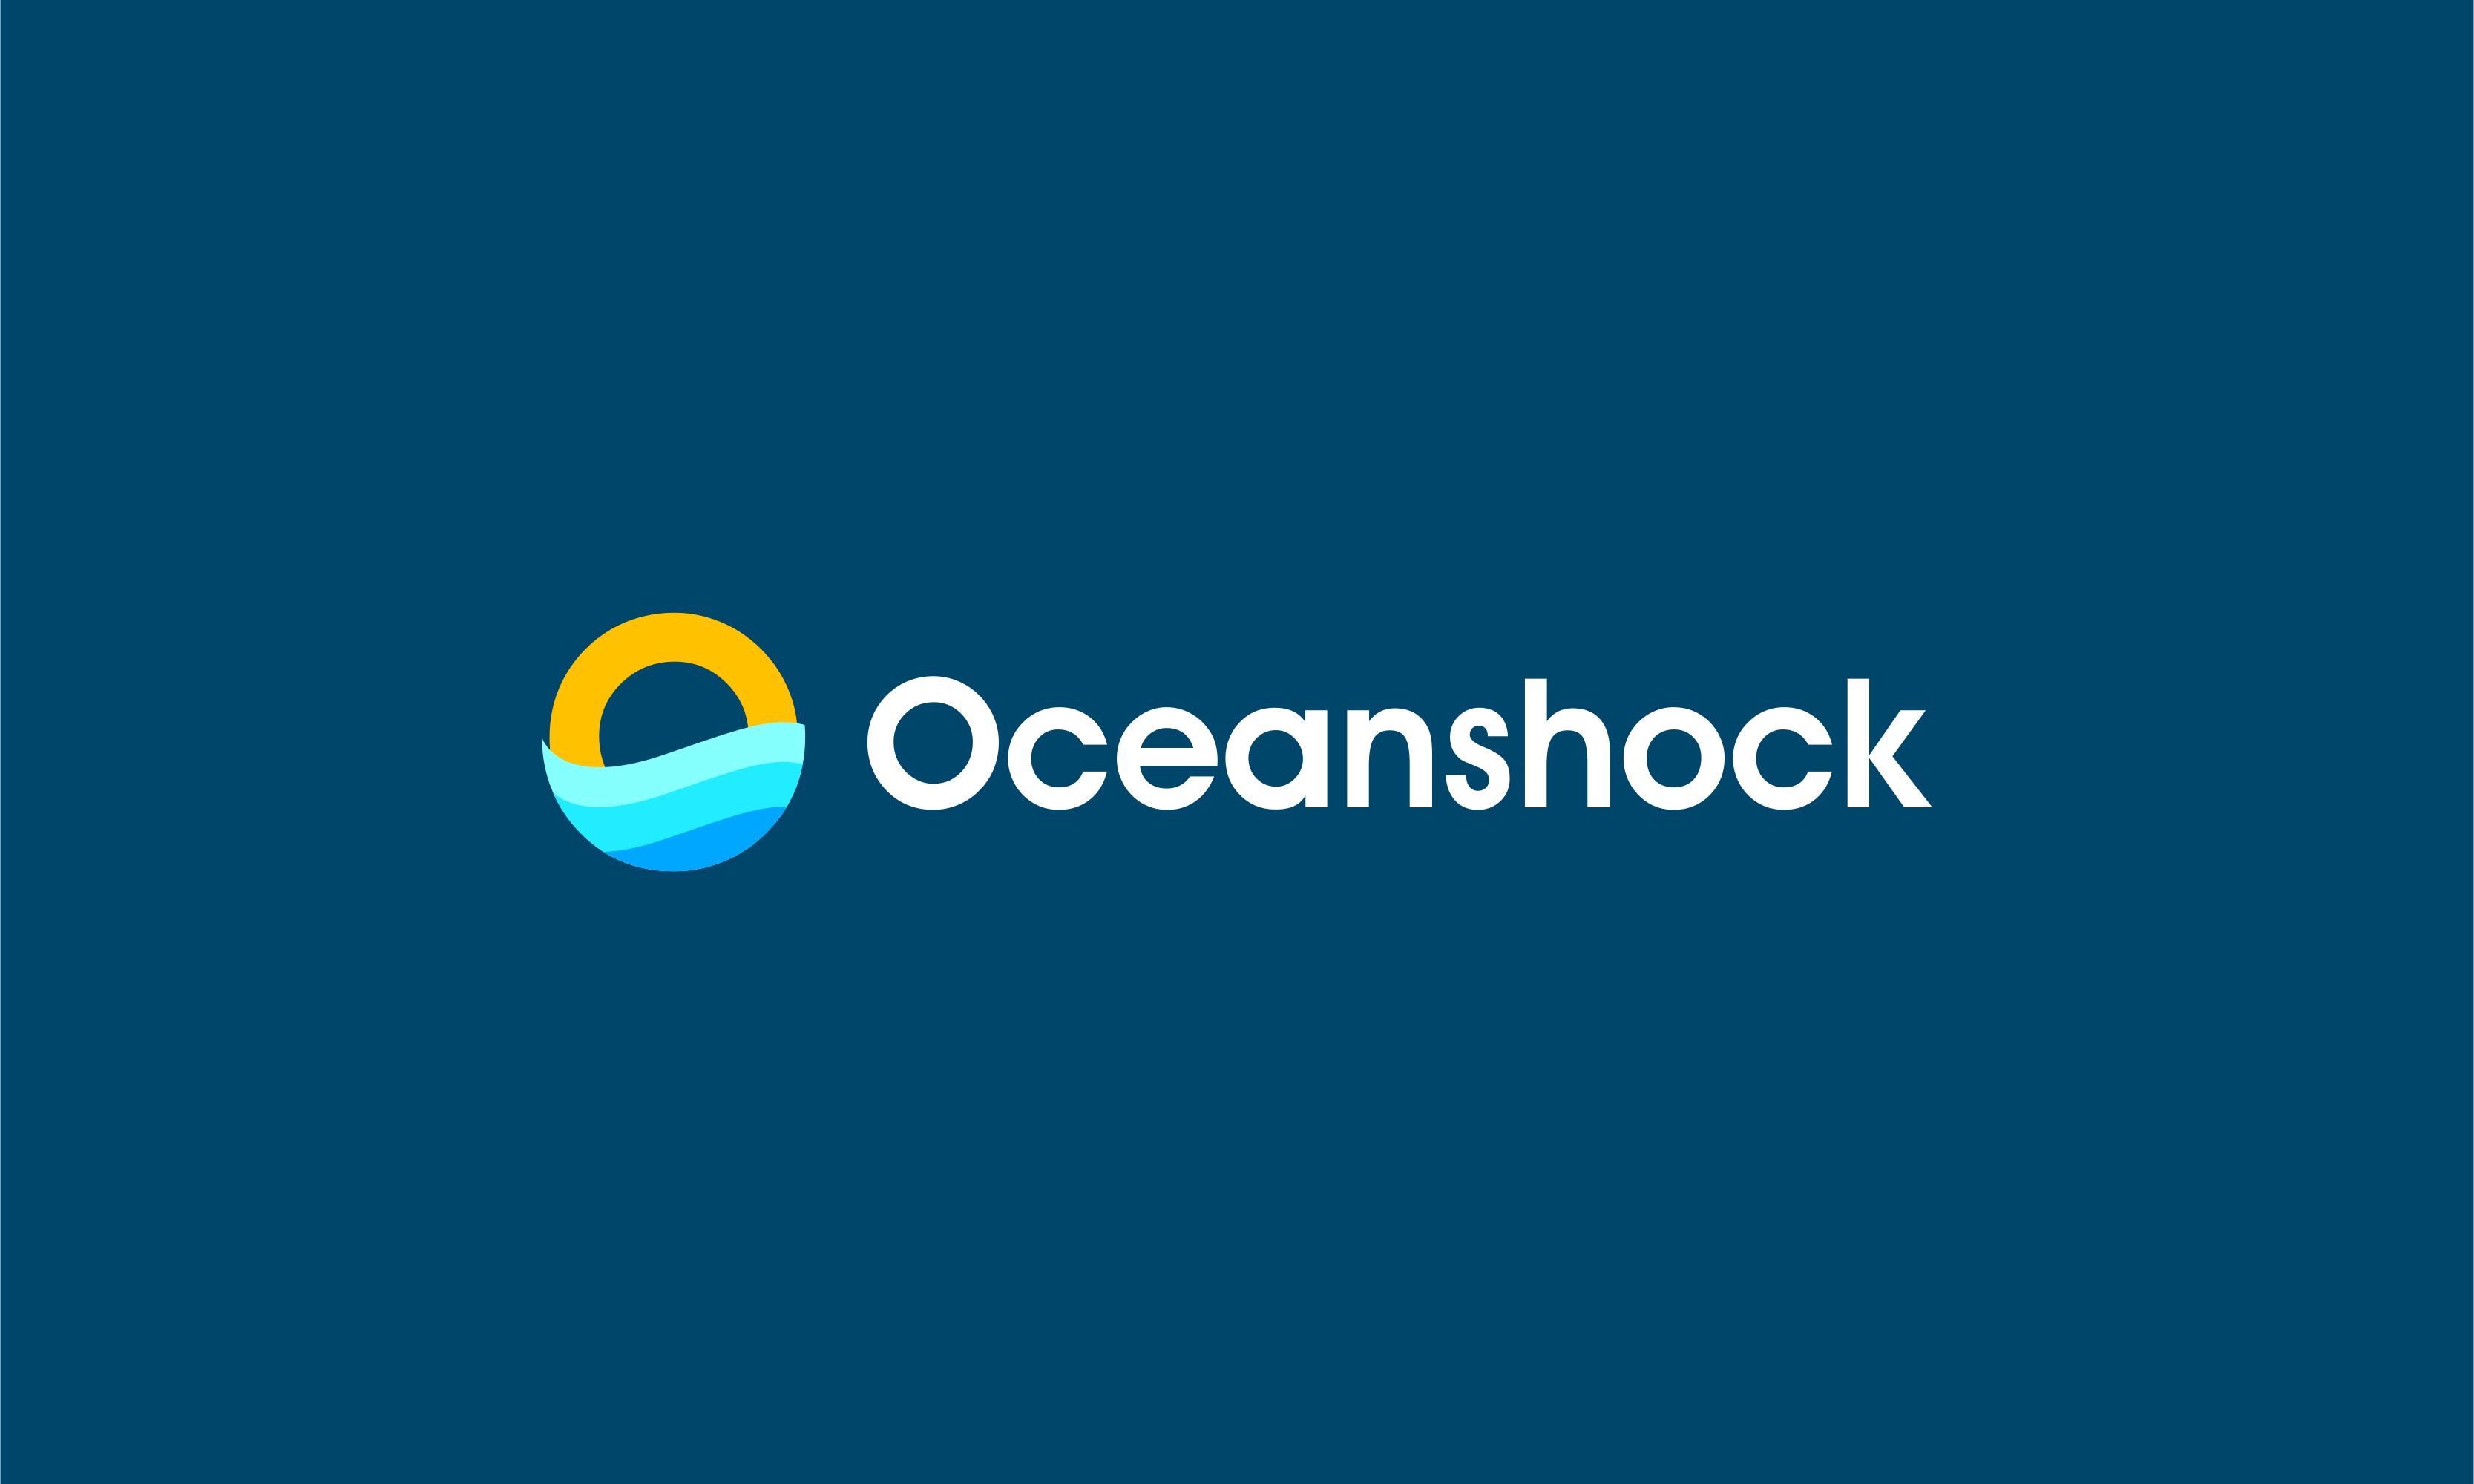 Oceanshock